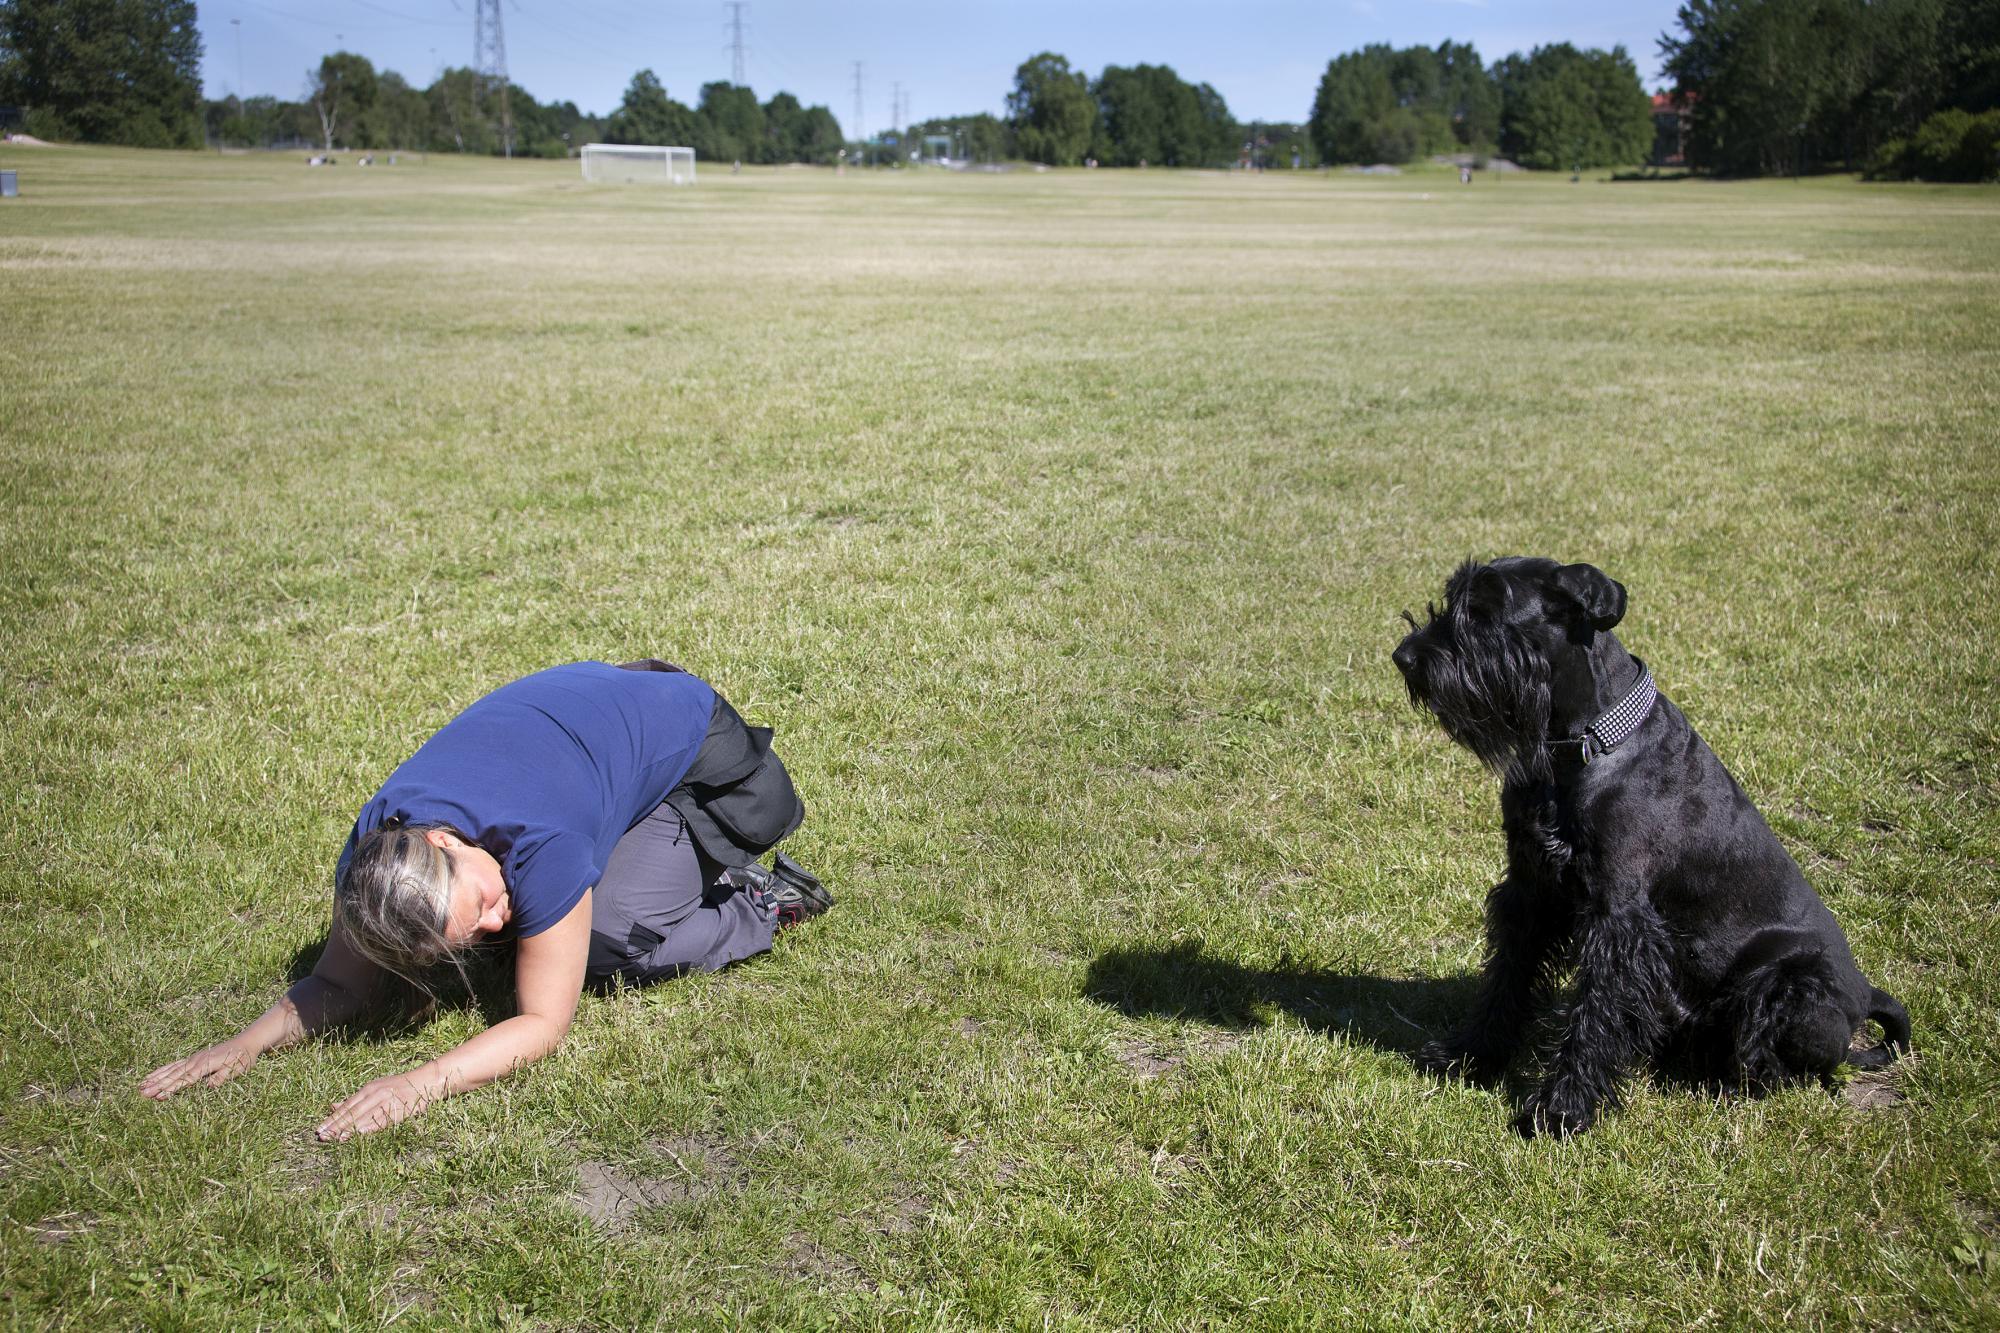 Hunden skall vid träningen klara av att hålla en startposition oavsett vad tränaren gör. Linda rekommenderar att du har hunden framför dig.